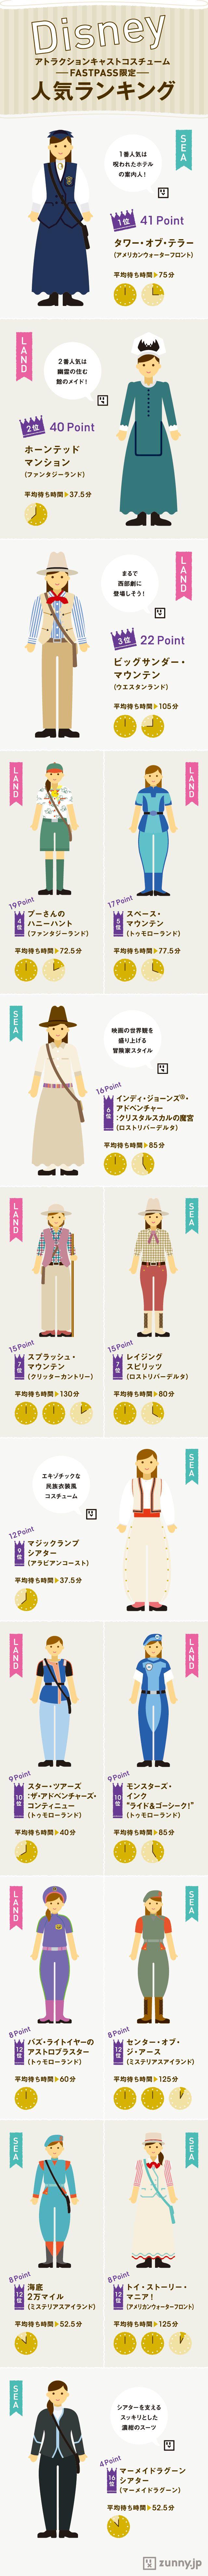 東京ディズニーリゾートで働くキャストのコスチューム。アトラクションやエリアにより、デザインが異なる…